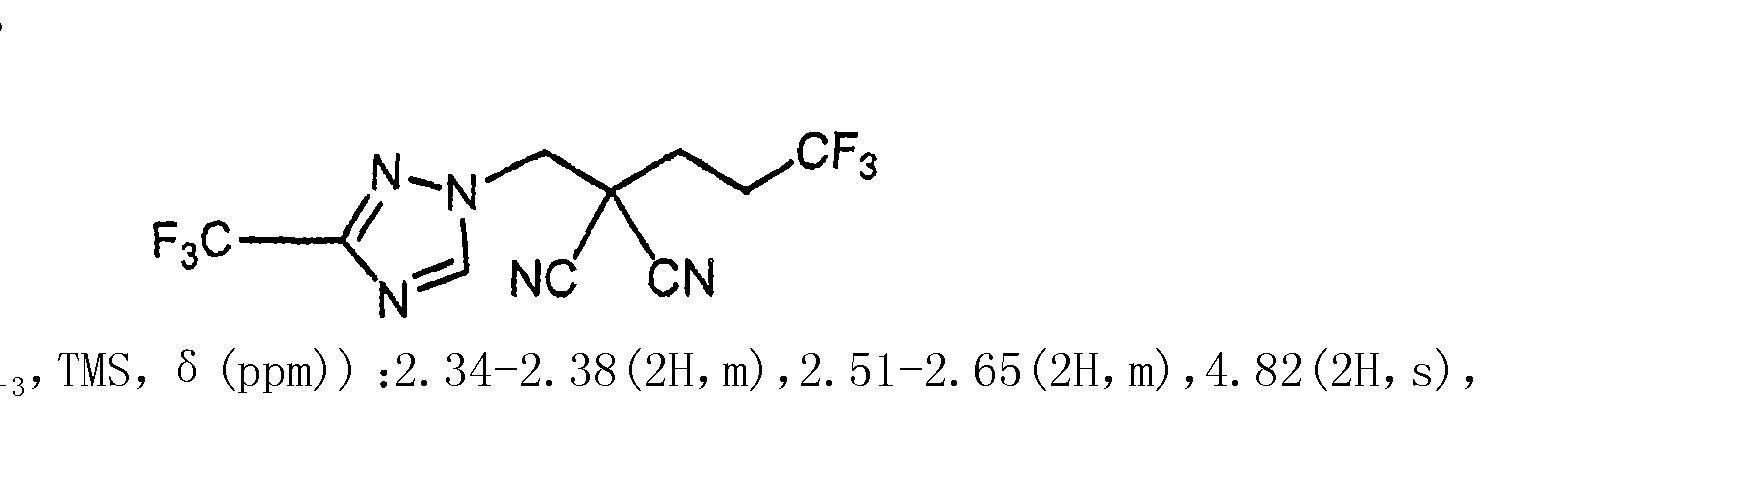 Figure CN101544606BD00422